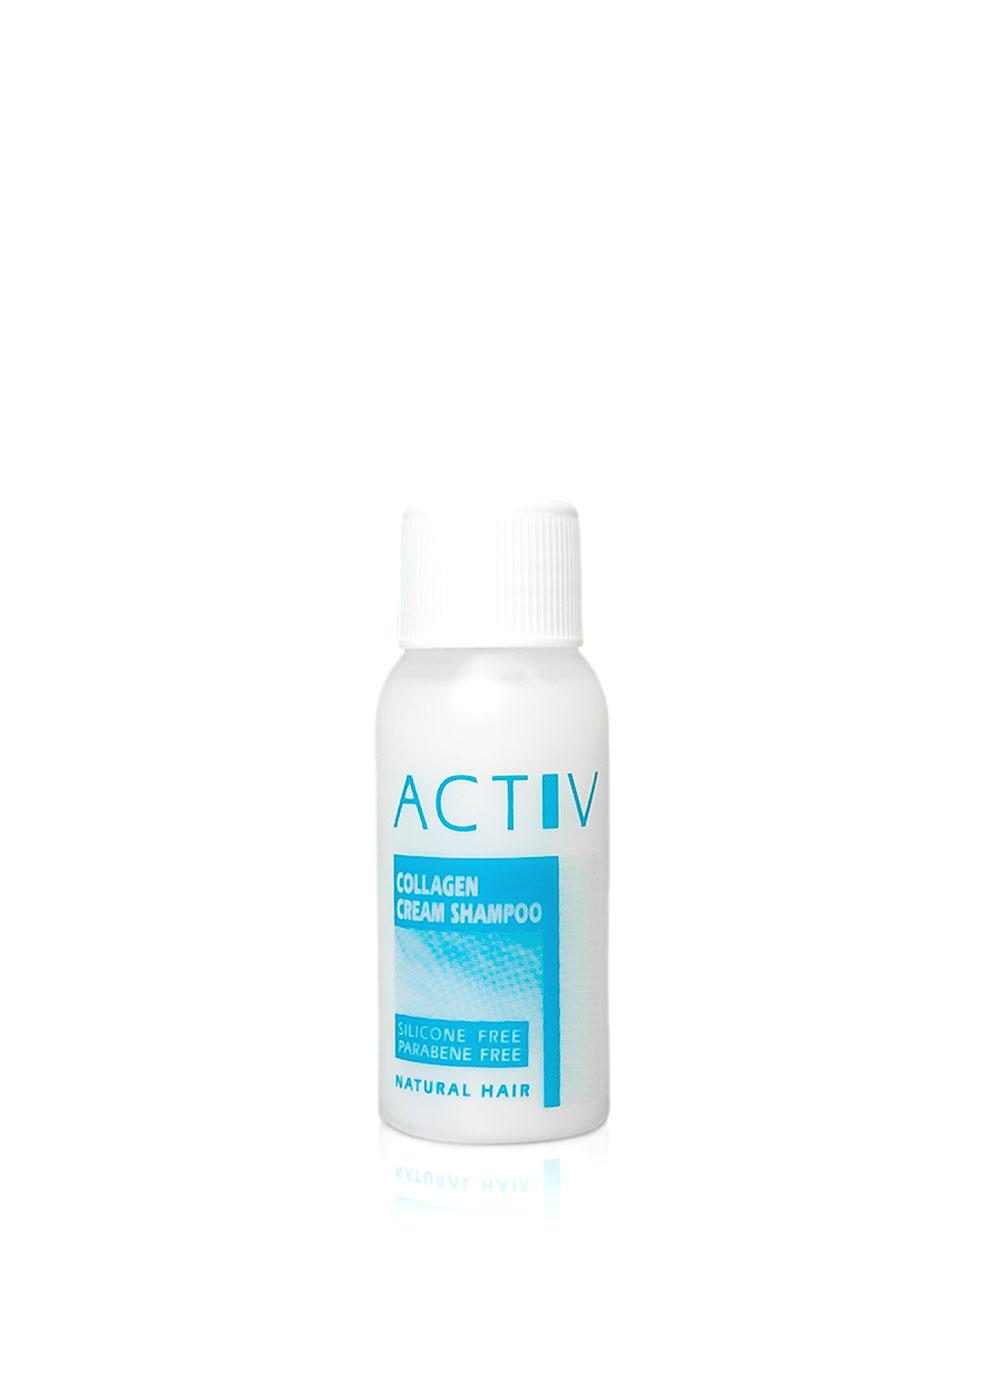 GFH Zubehör - Activ Collagen Cream Shampoo Echthaar 50ml